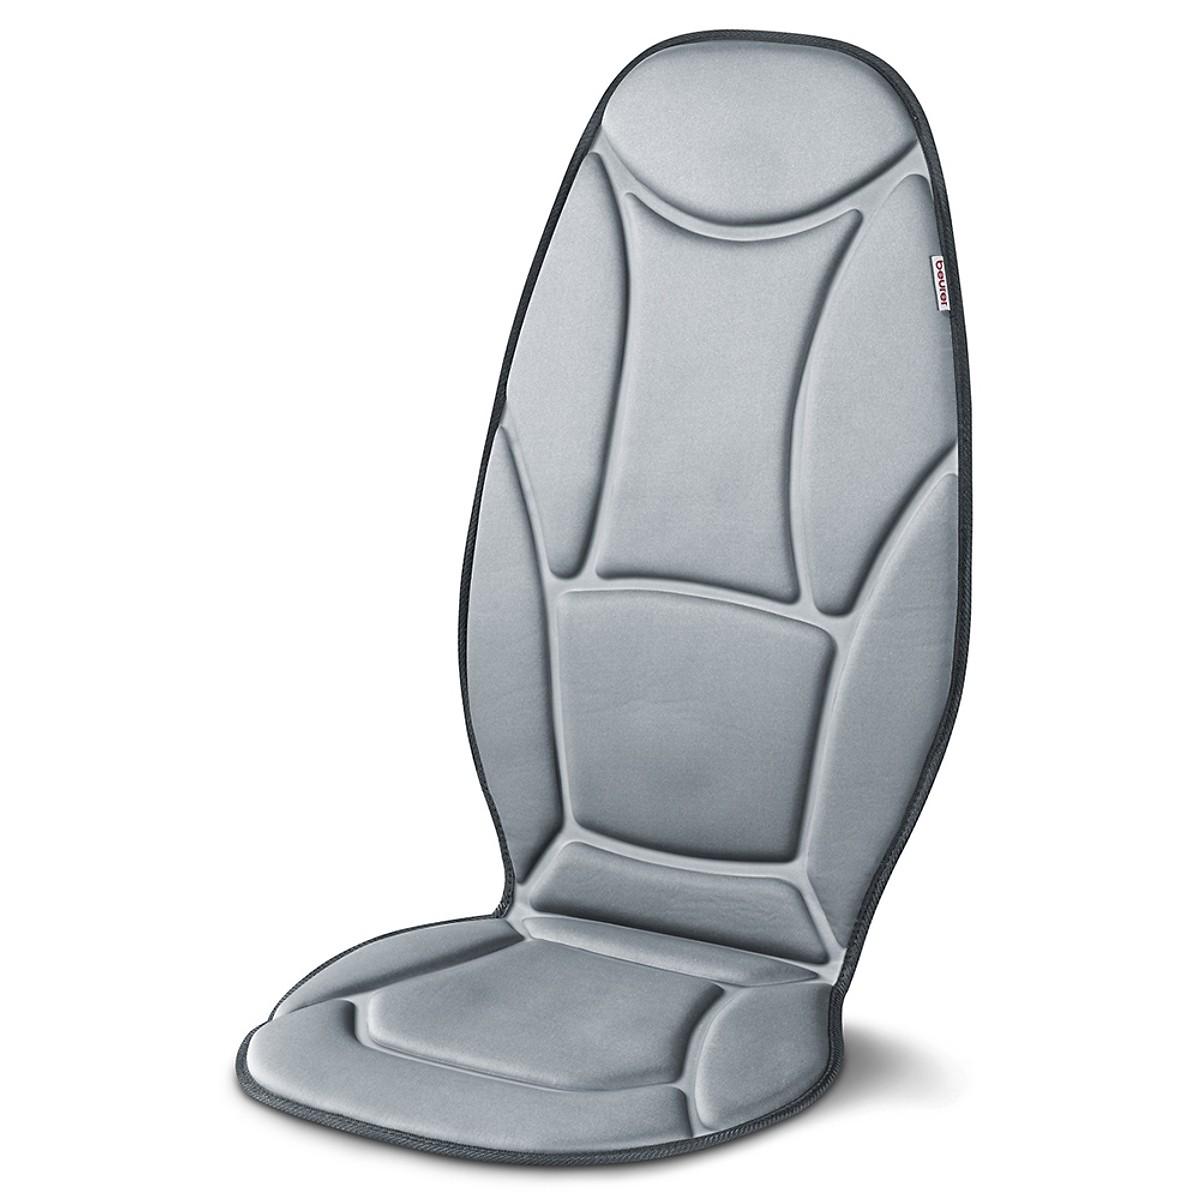 Đệm Massage dành cho xe hơi , hiệu :  Beurer MG155